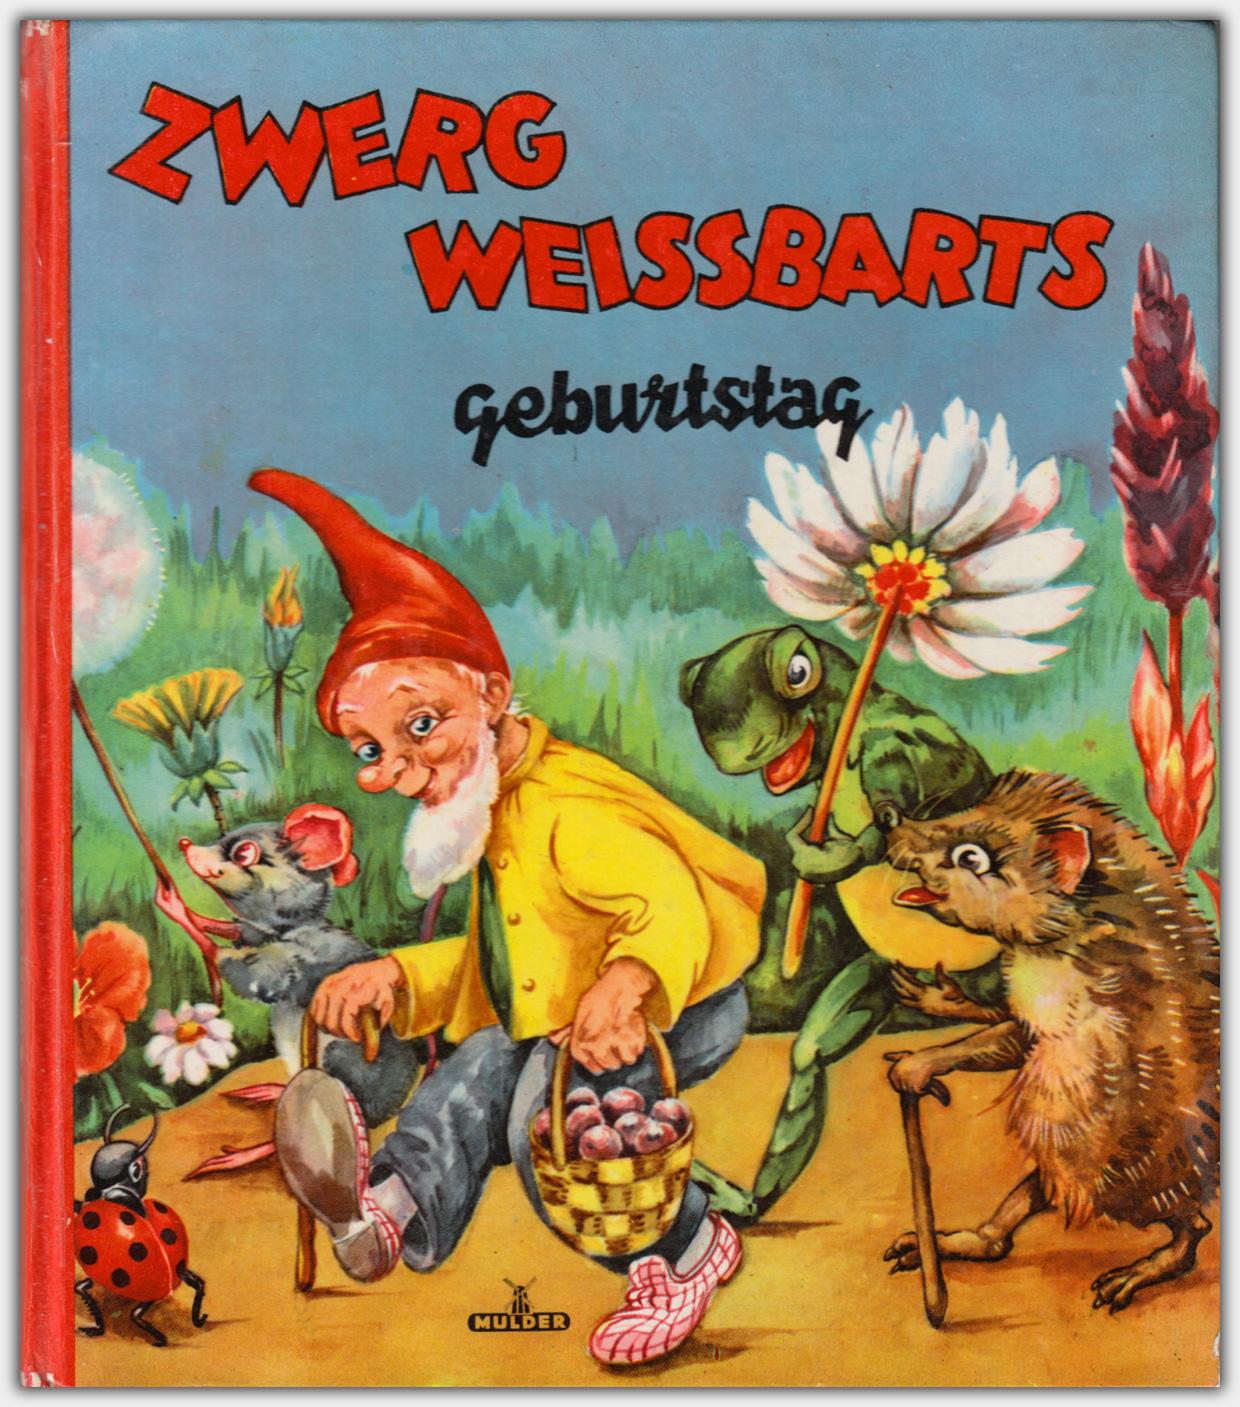 Zwerg Weissbarts Geburtstag | Mulder Verlag, Verlagsnummer 2402E